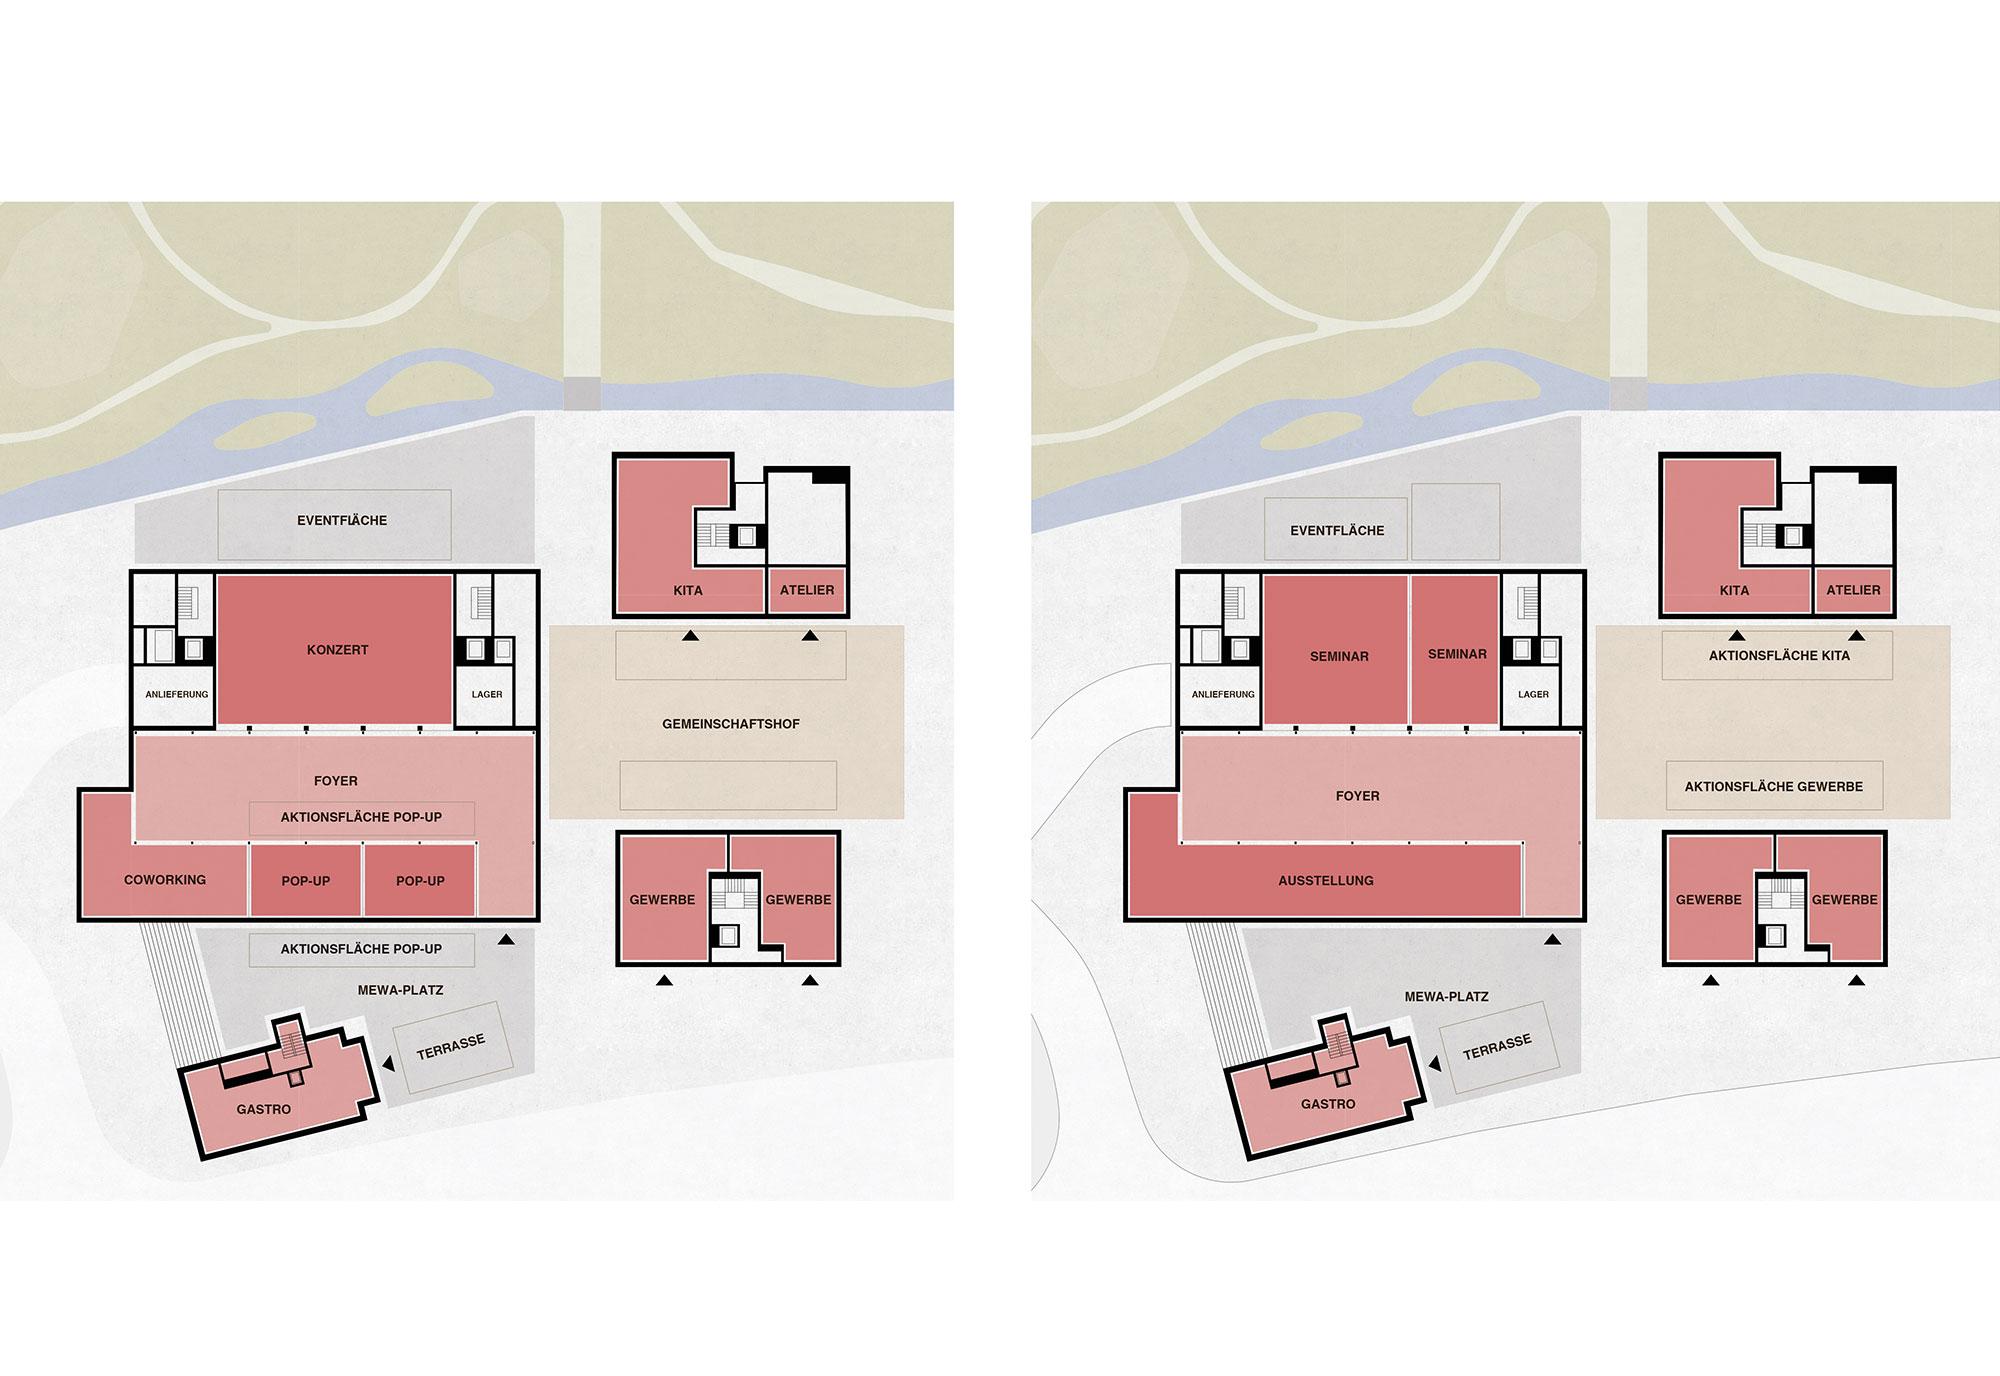 Flexibilität Nutzungsmodul Bühne - Szenario 1 und 2